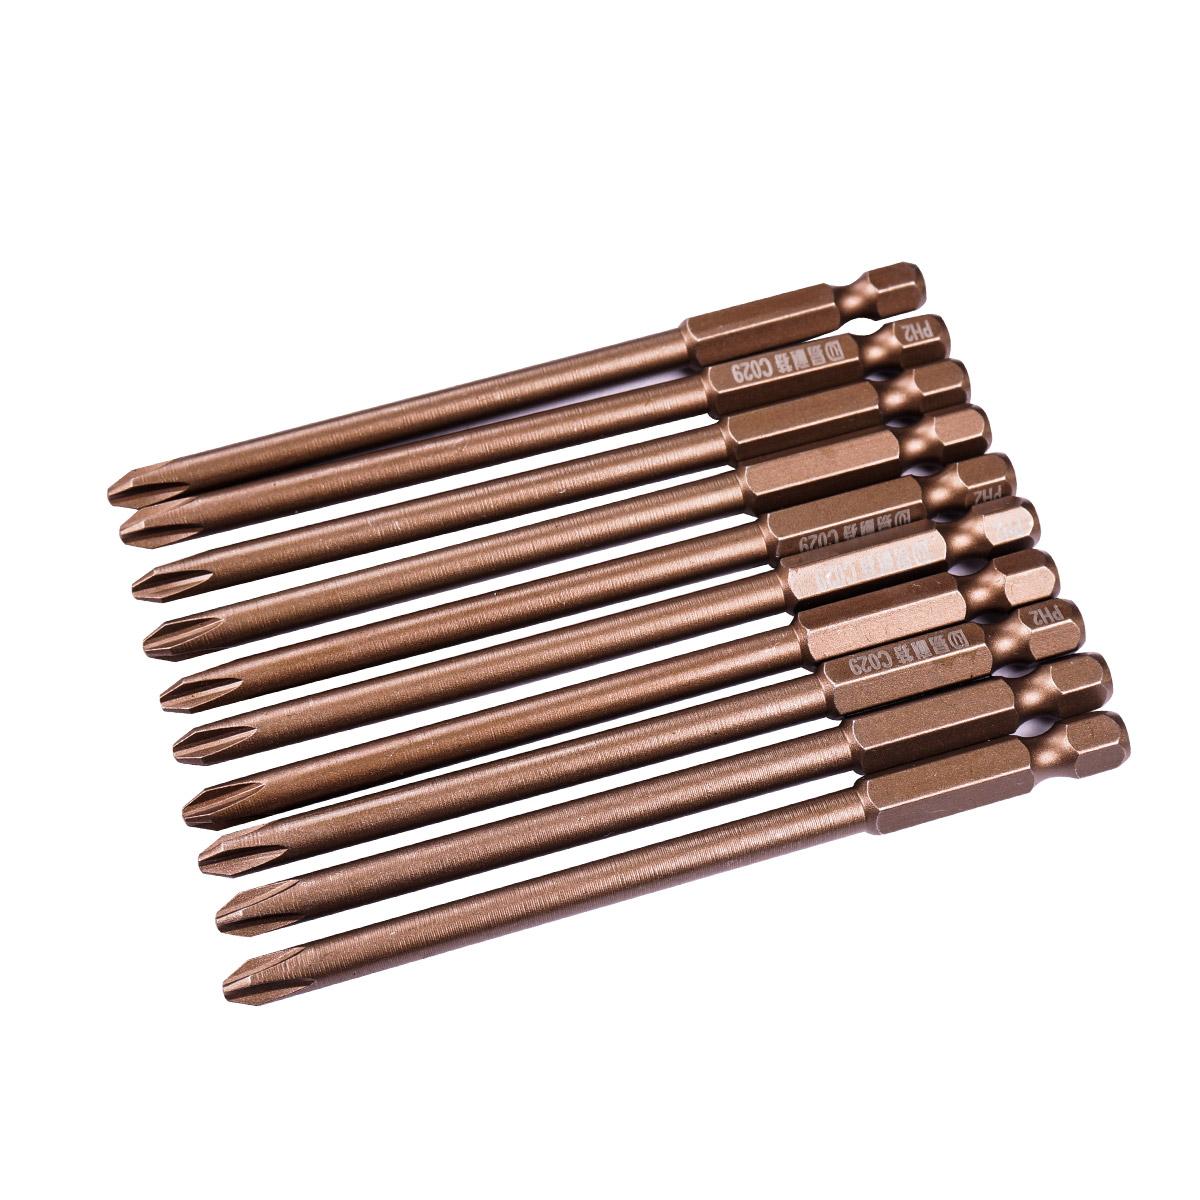 易耐特S2加长十字风批头批咀带磁批嘴多功能电动螺丝刀批头